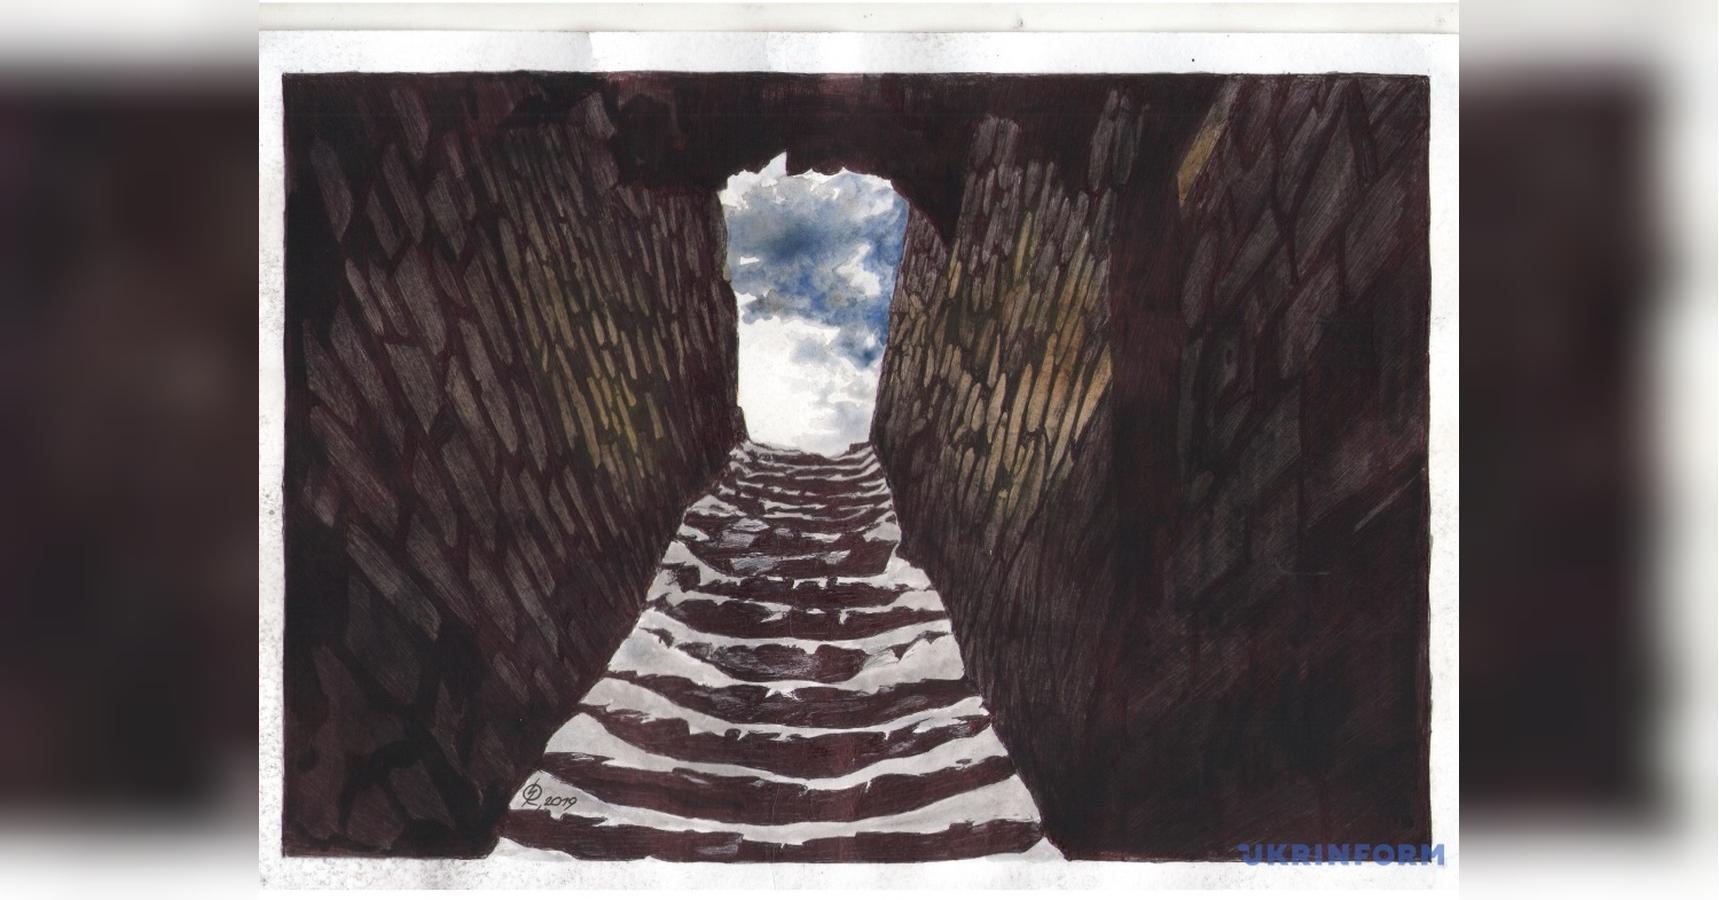 Небо в каменном проеме: Сущенко новым рисунком показал атмосферу в рос